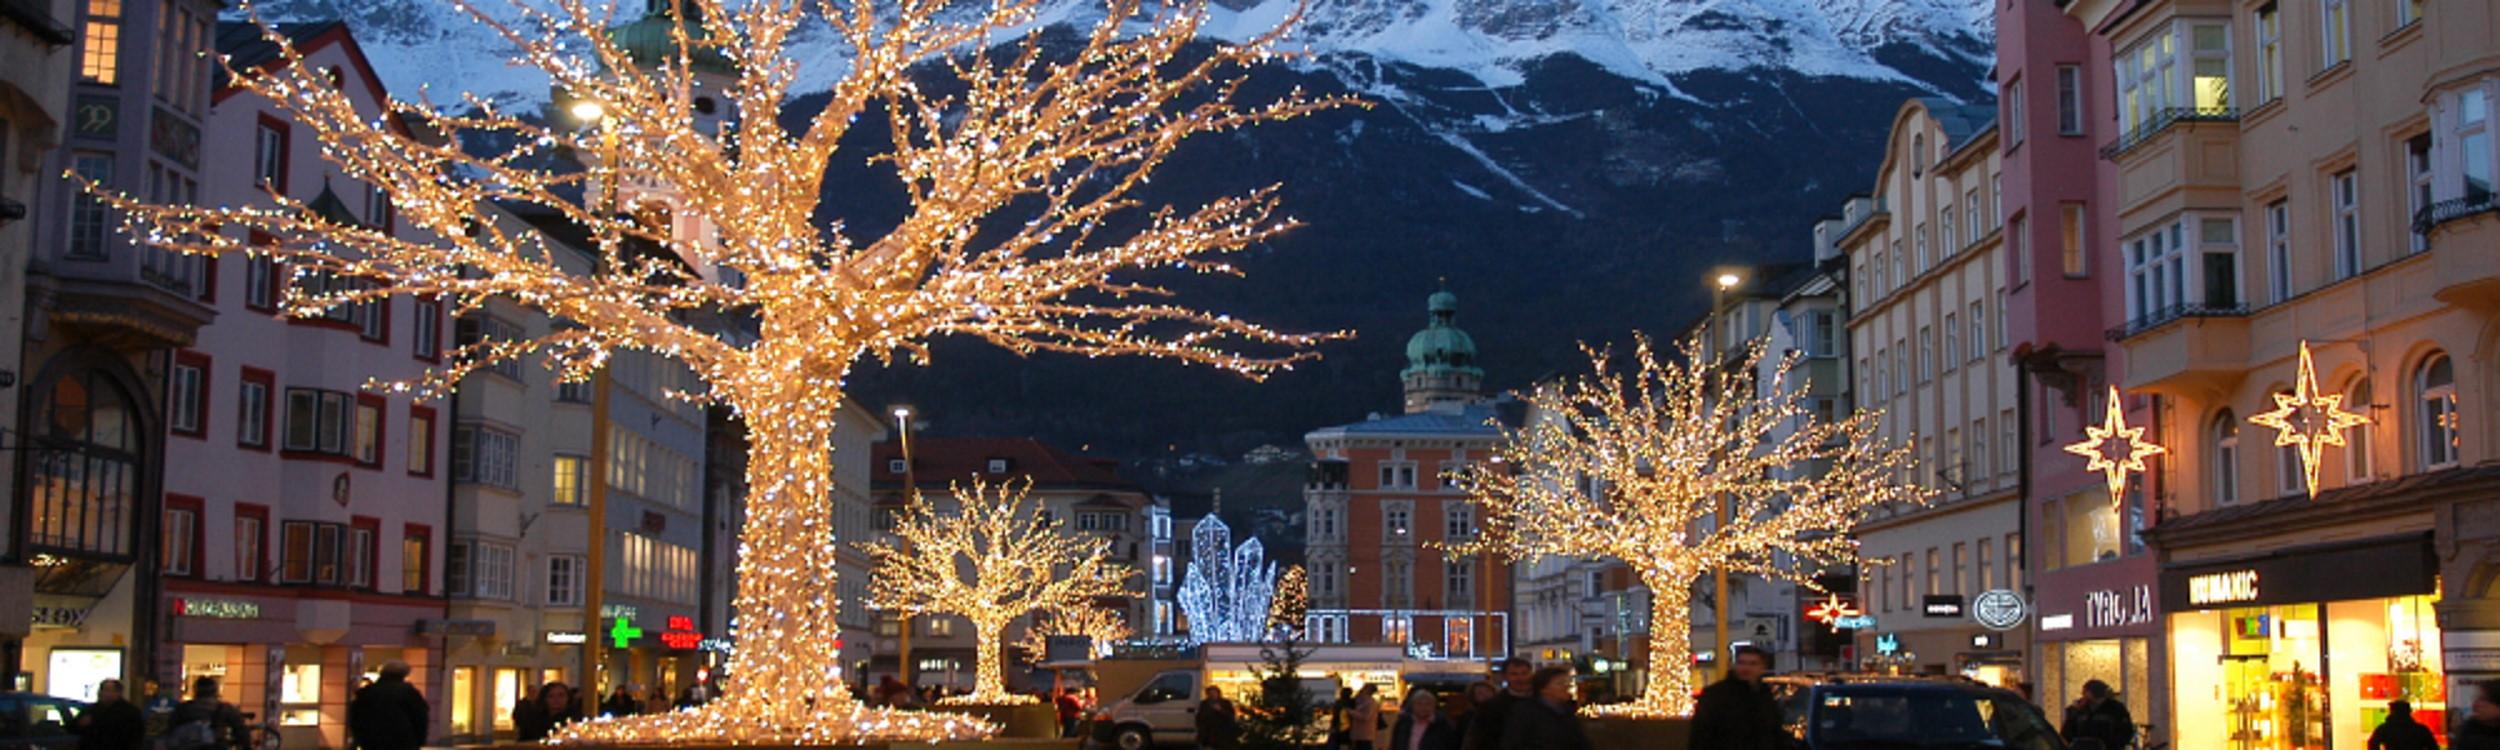 neon-nagel_inhalts-slider_weihnachten2